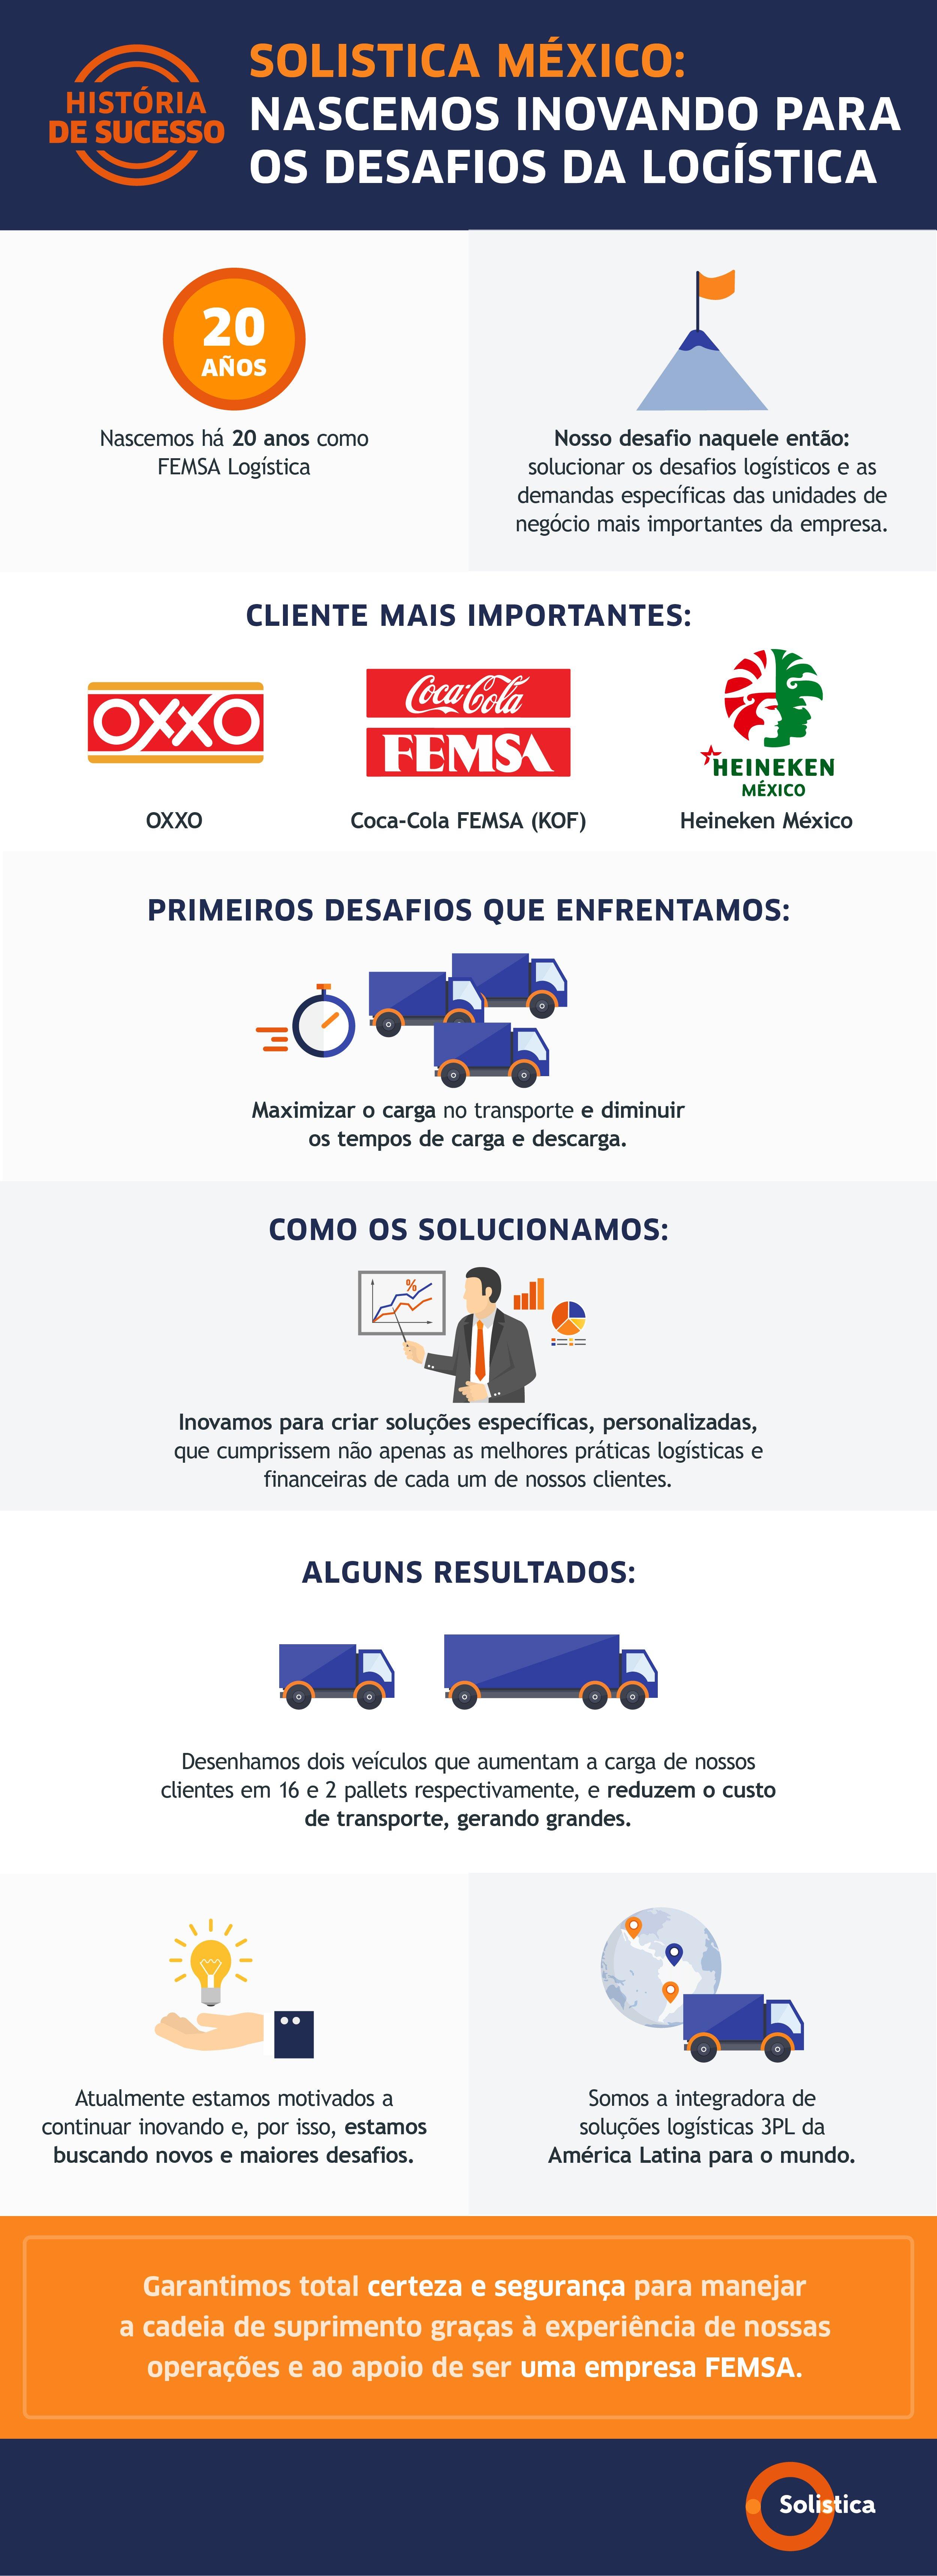 SOL-Historia México Solistica innovación en el desarrollo de soluciones de transporte VFPORTUGUÊS